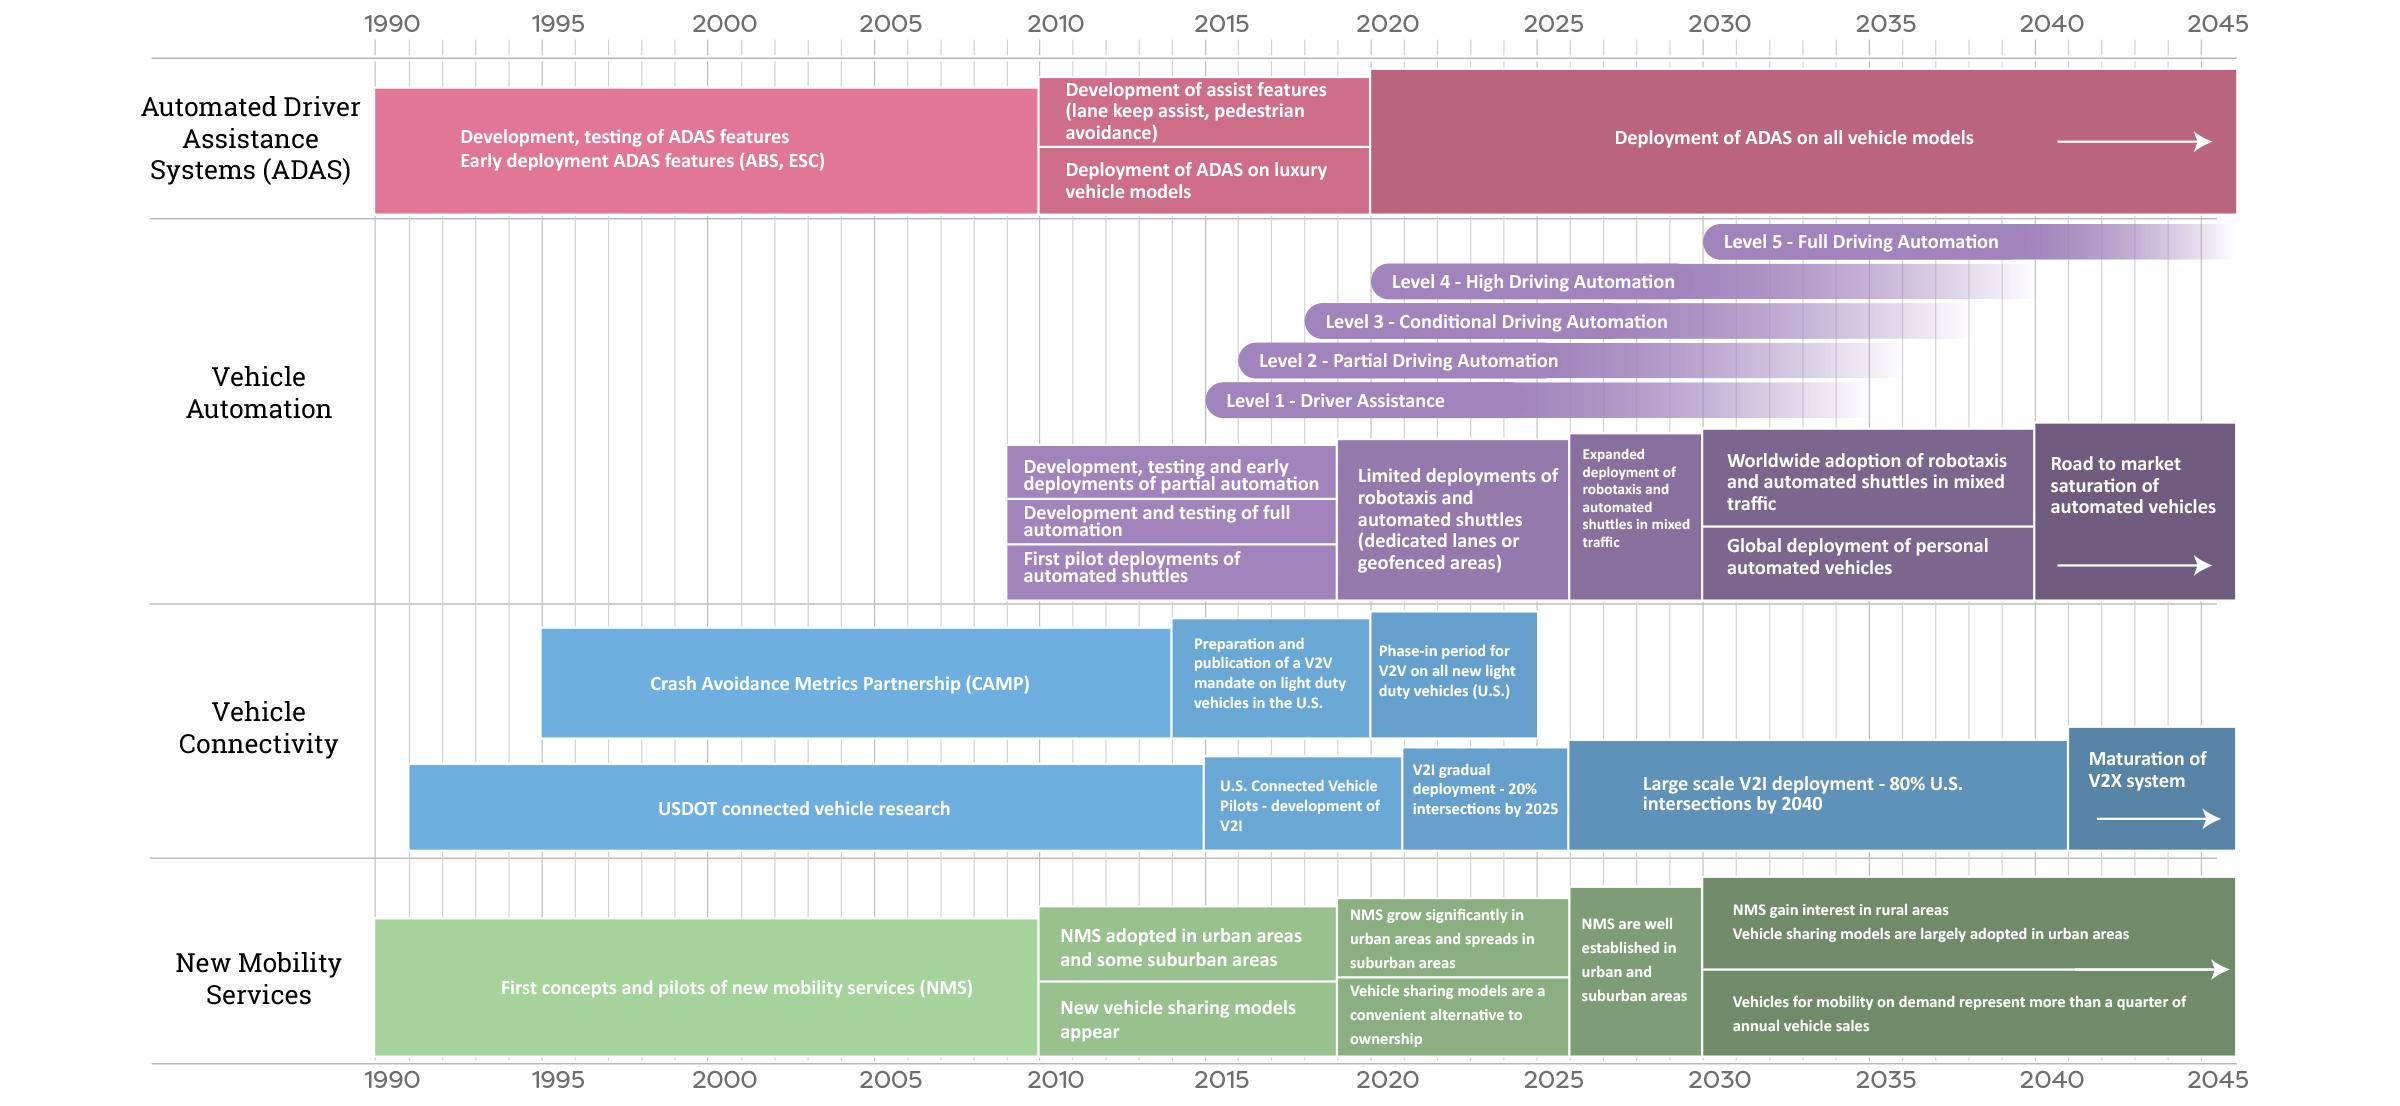 timeline for intelligent mobility technologies cv av cav